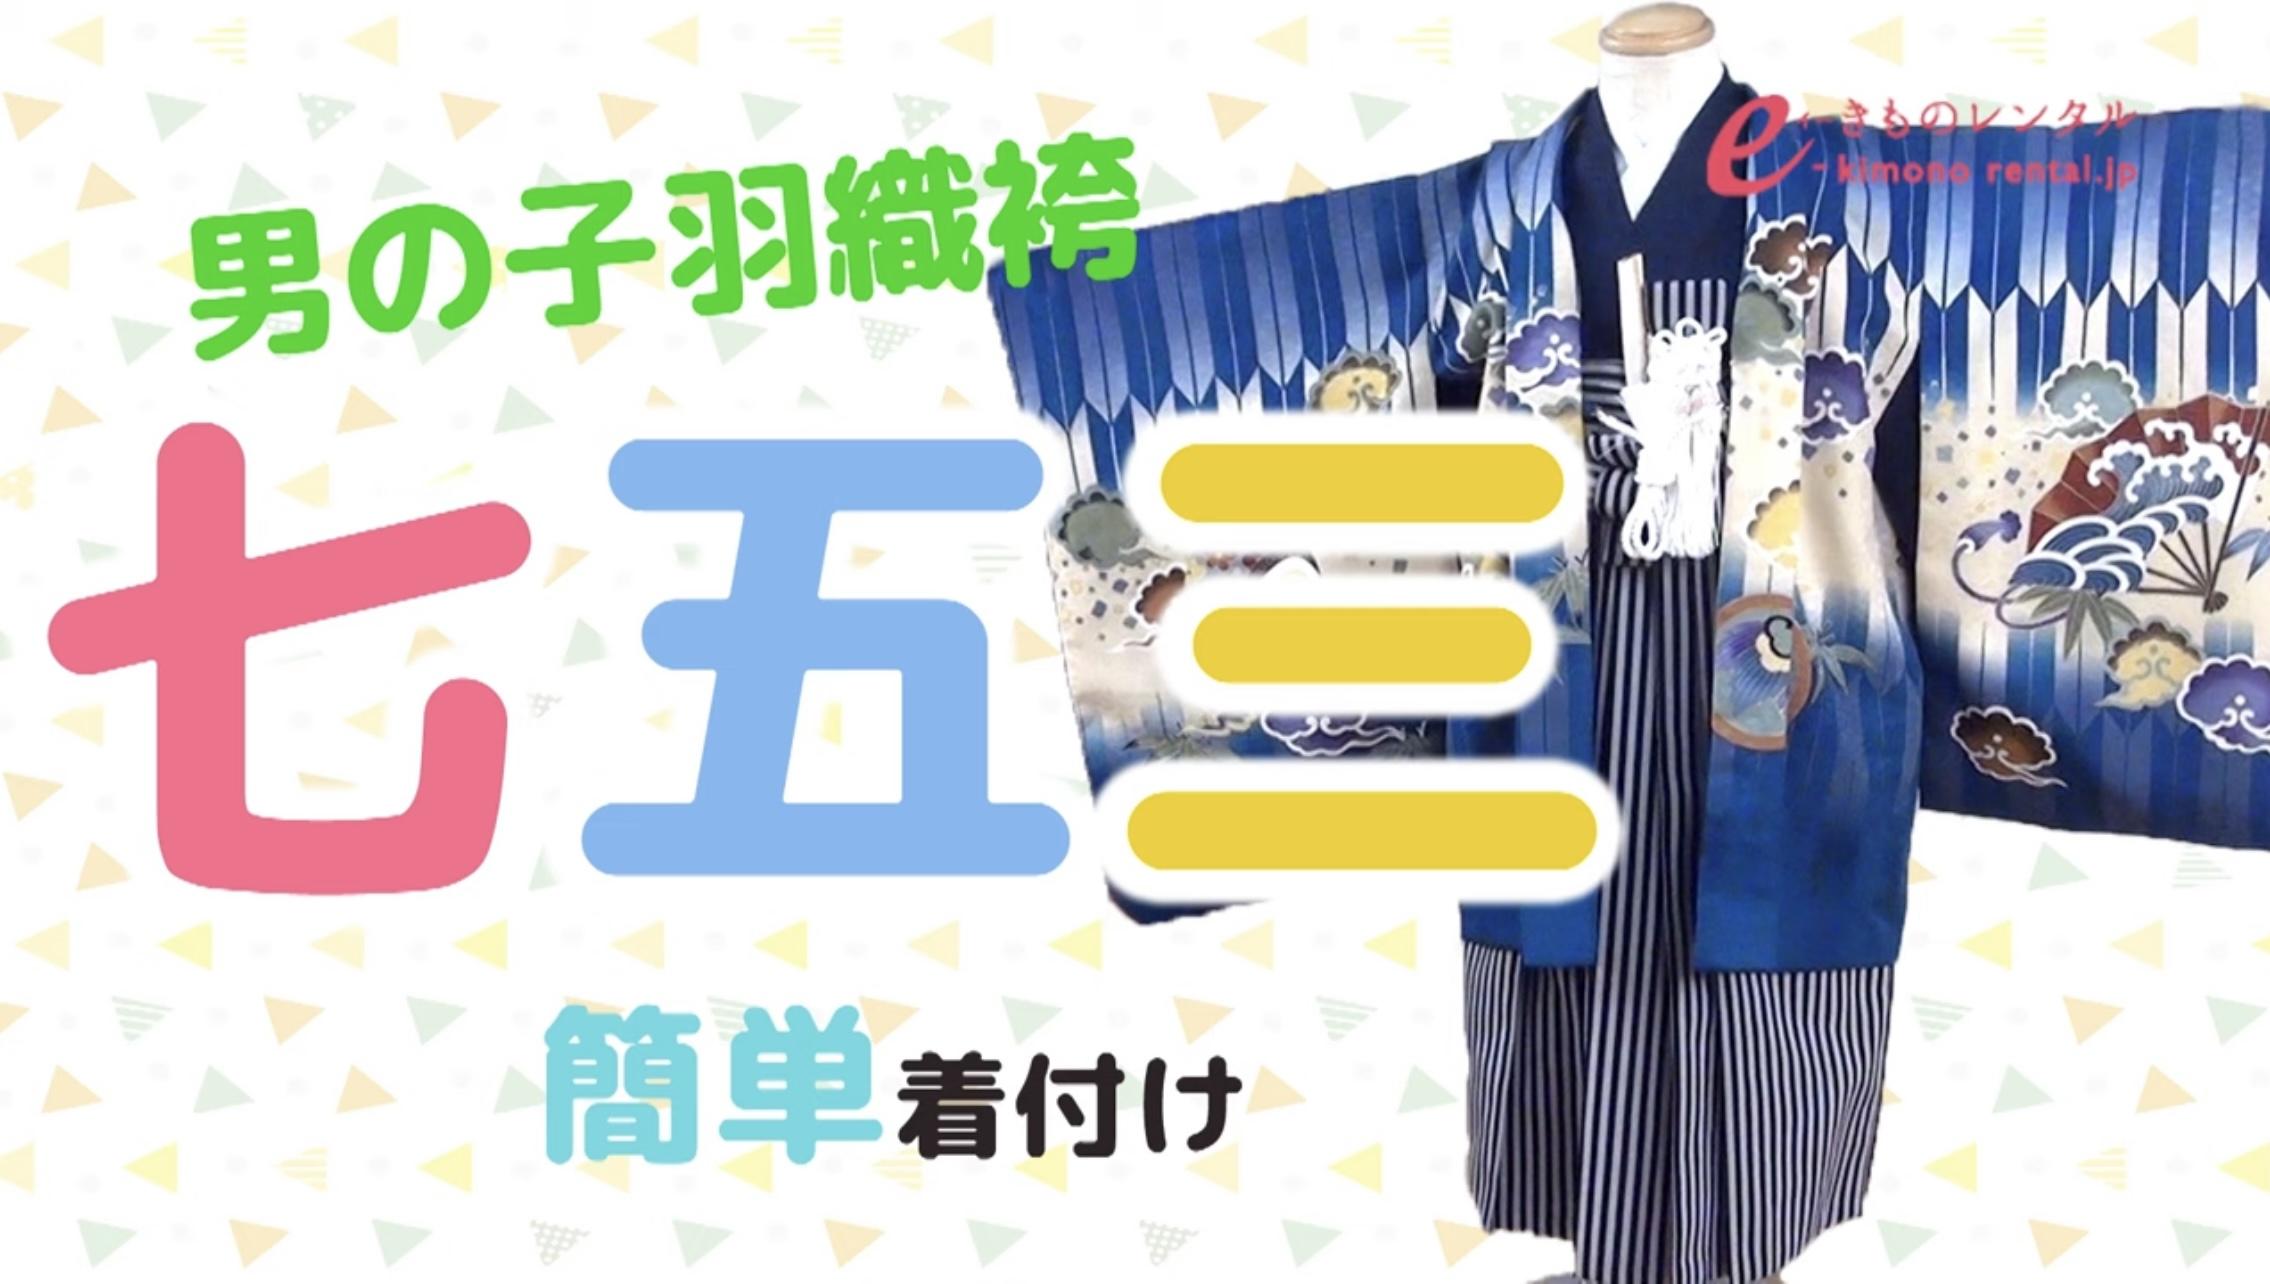 七五三3歳・5歳の袴の着付け方(動画での説明有り)